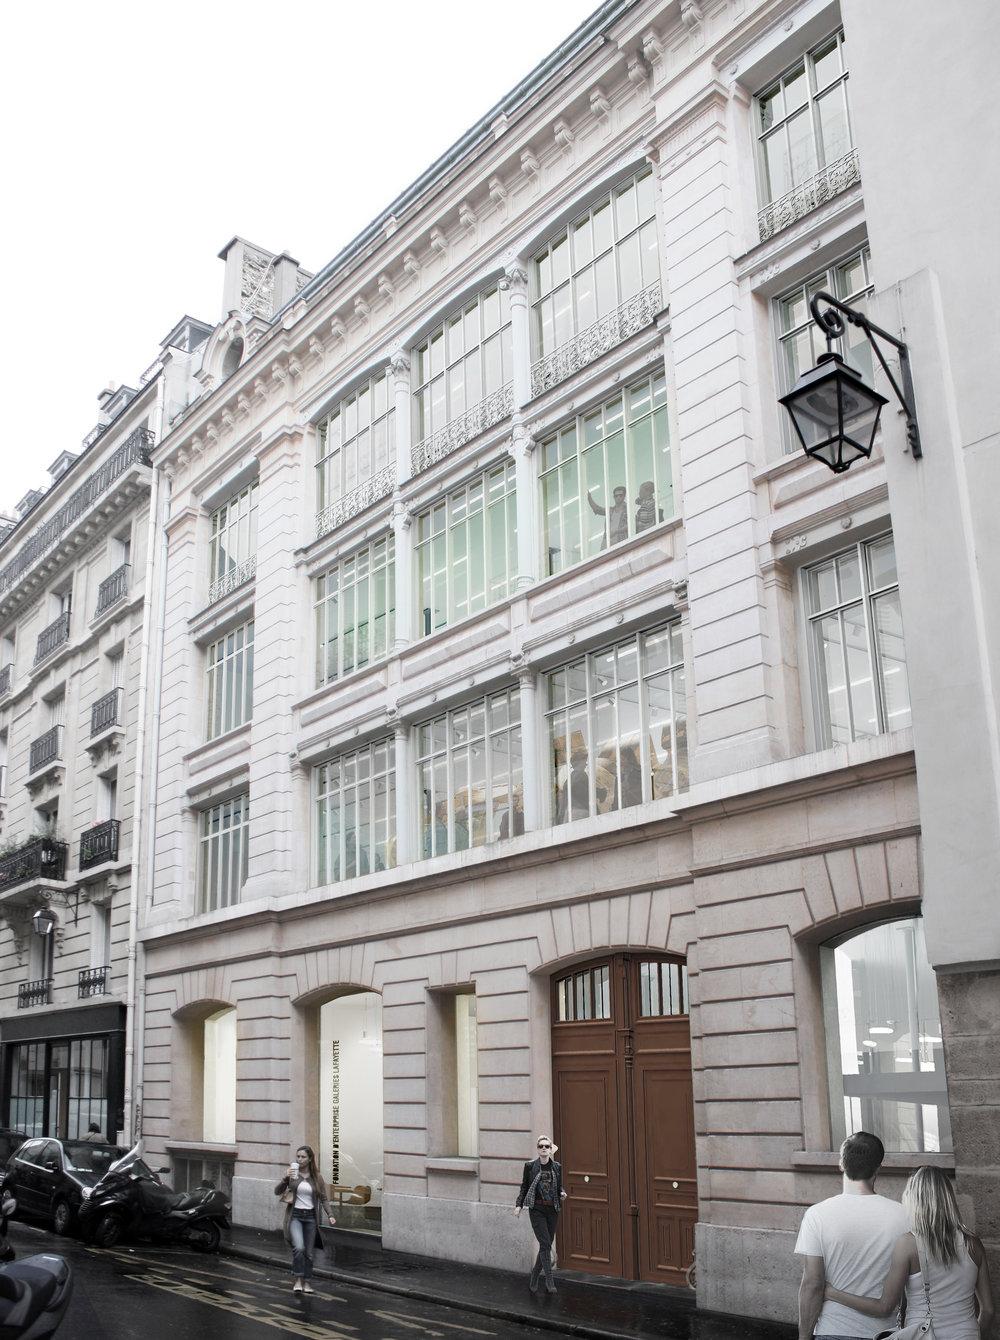 Le futur bâtiment de la Fondation (ouverture mars 2018) 9 rue du Plâtre F-75004 Paris L'adresse postale actuelle BHV - 13-15 rue de la Verrerie F-75004 Paris Métro : Hôtel de Ville (ligne 1)ou Rambuteau (ligne 11)